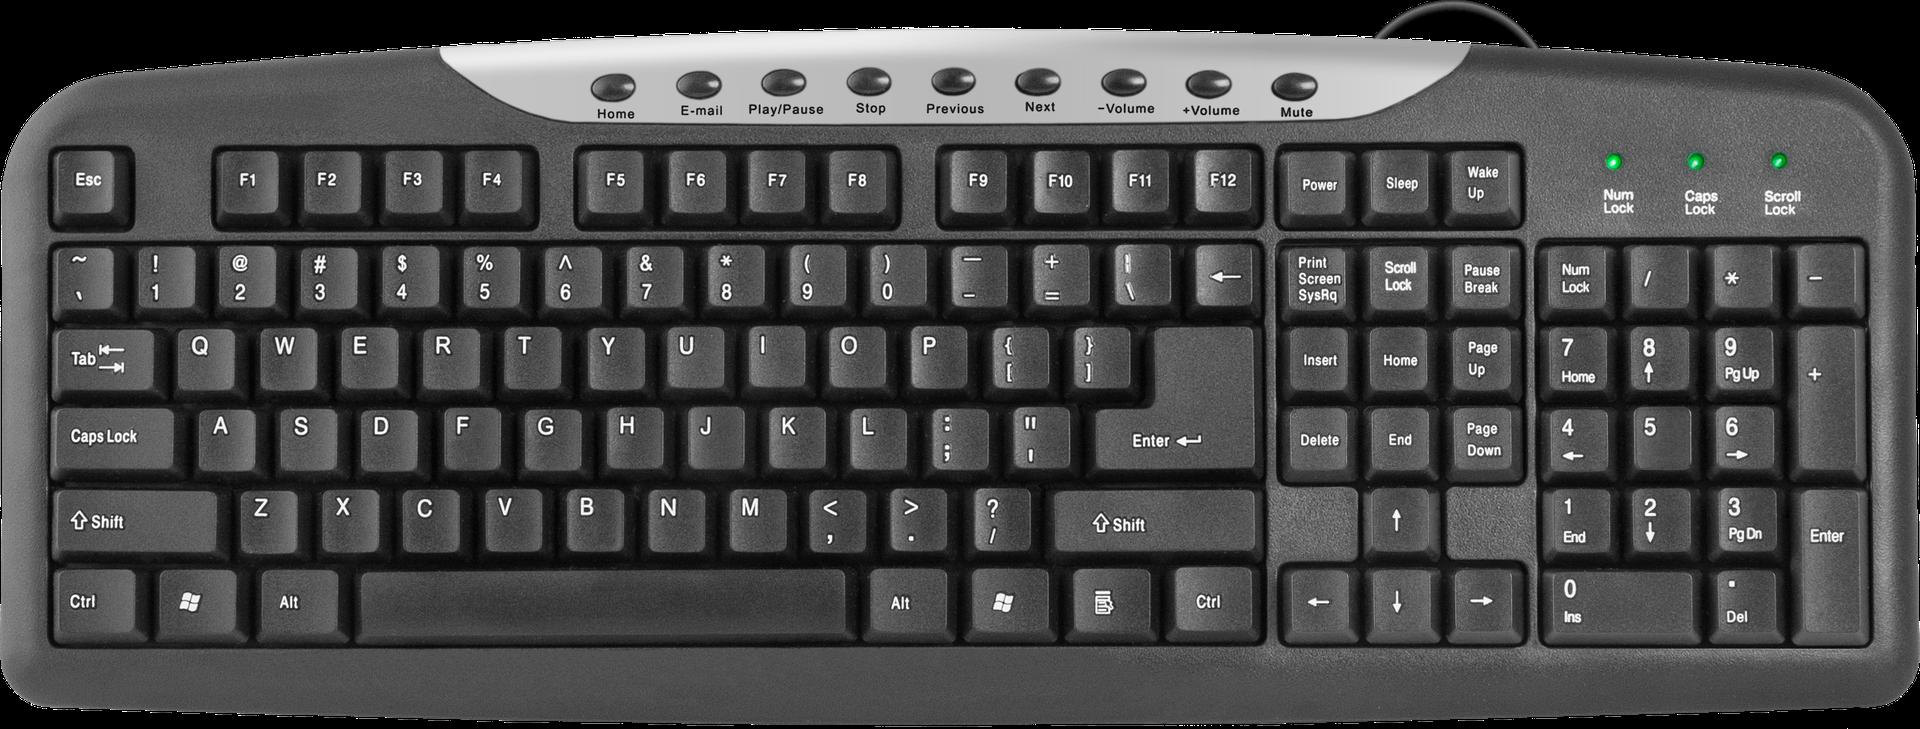 Картинки клавиатуры раскладки